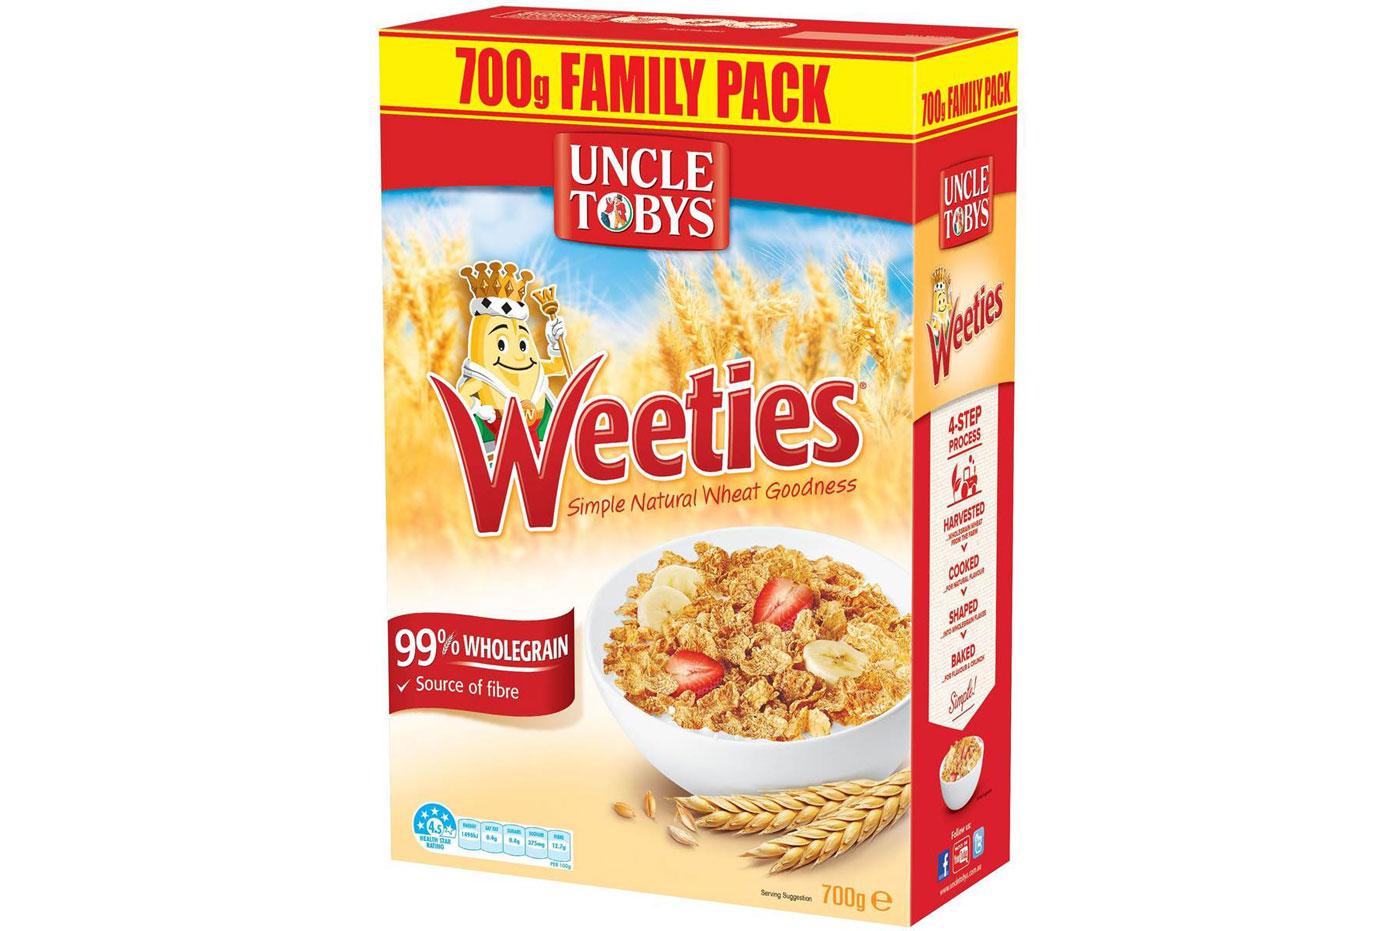 Uncle Tobys Weeties: Practically no sugar